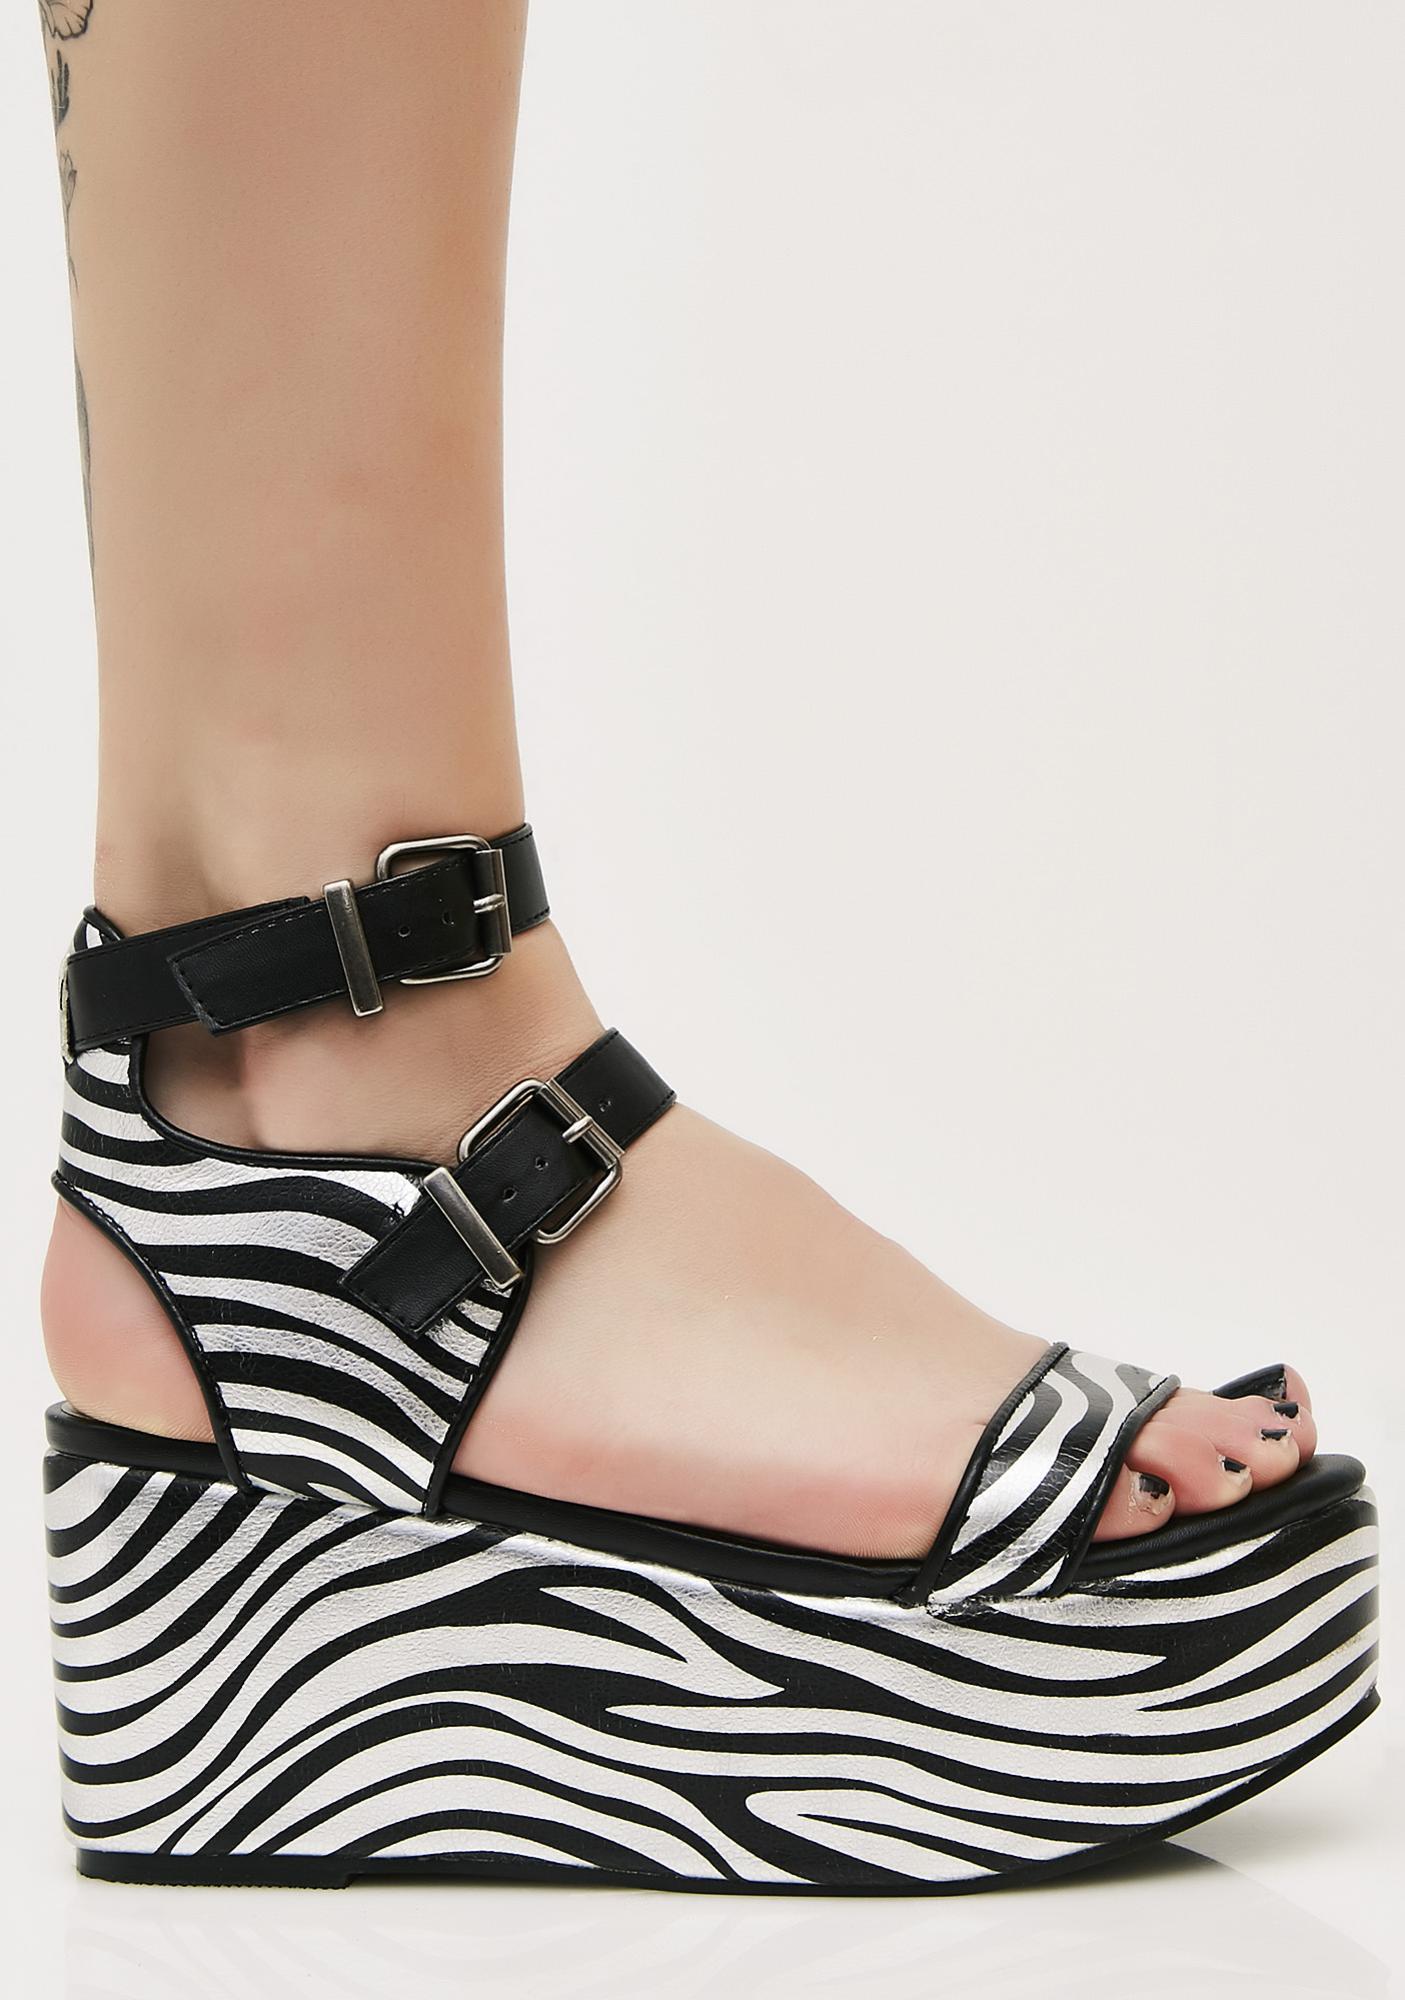 Wild Fever Platform Sandals